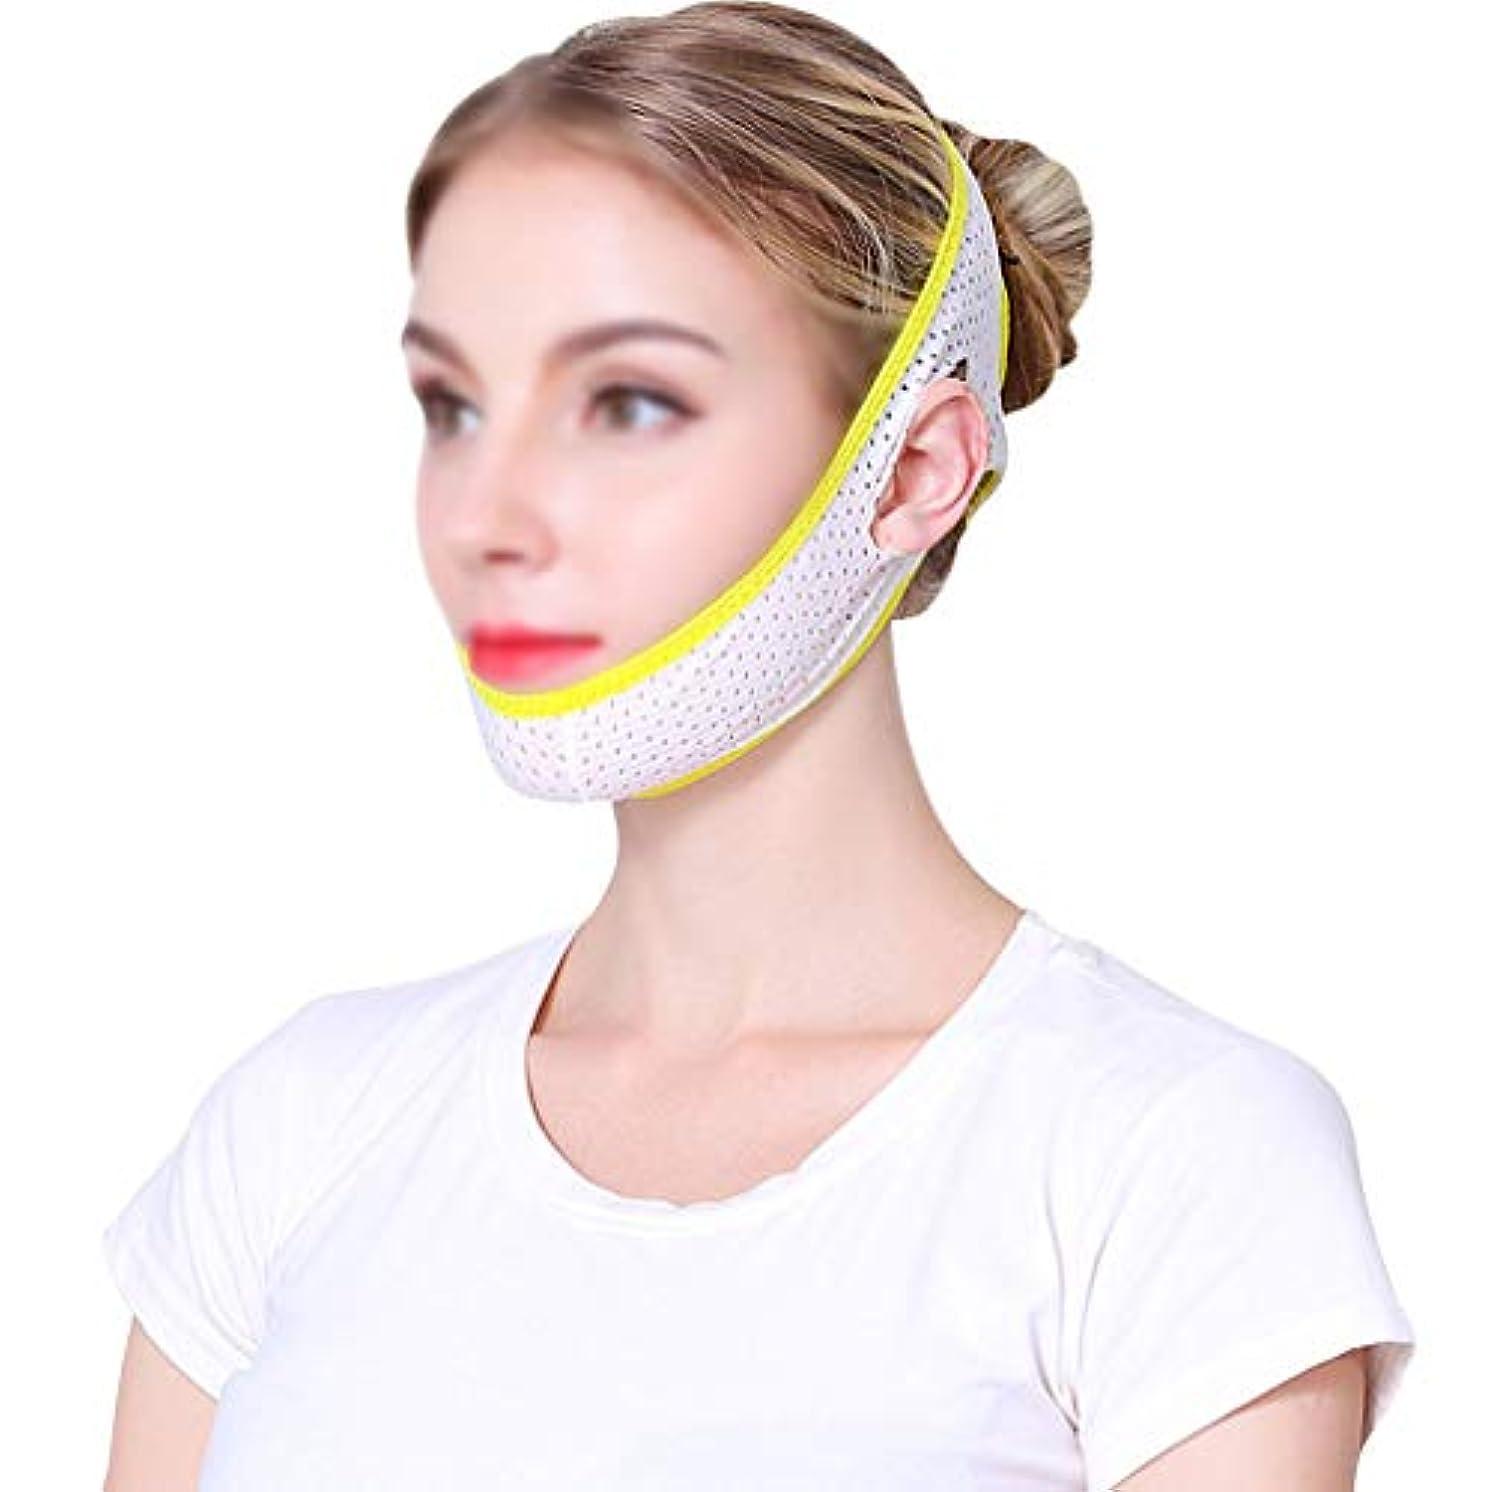 効率的に霊エリートXHLMRMJ マスク包帯を持ち上げて、整形手術の夏通気性の薄いセクション二重あごストラップVフェイス薄いフェイスマスク